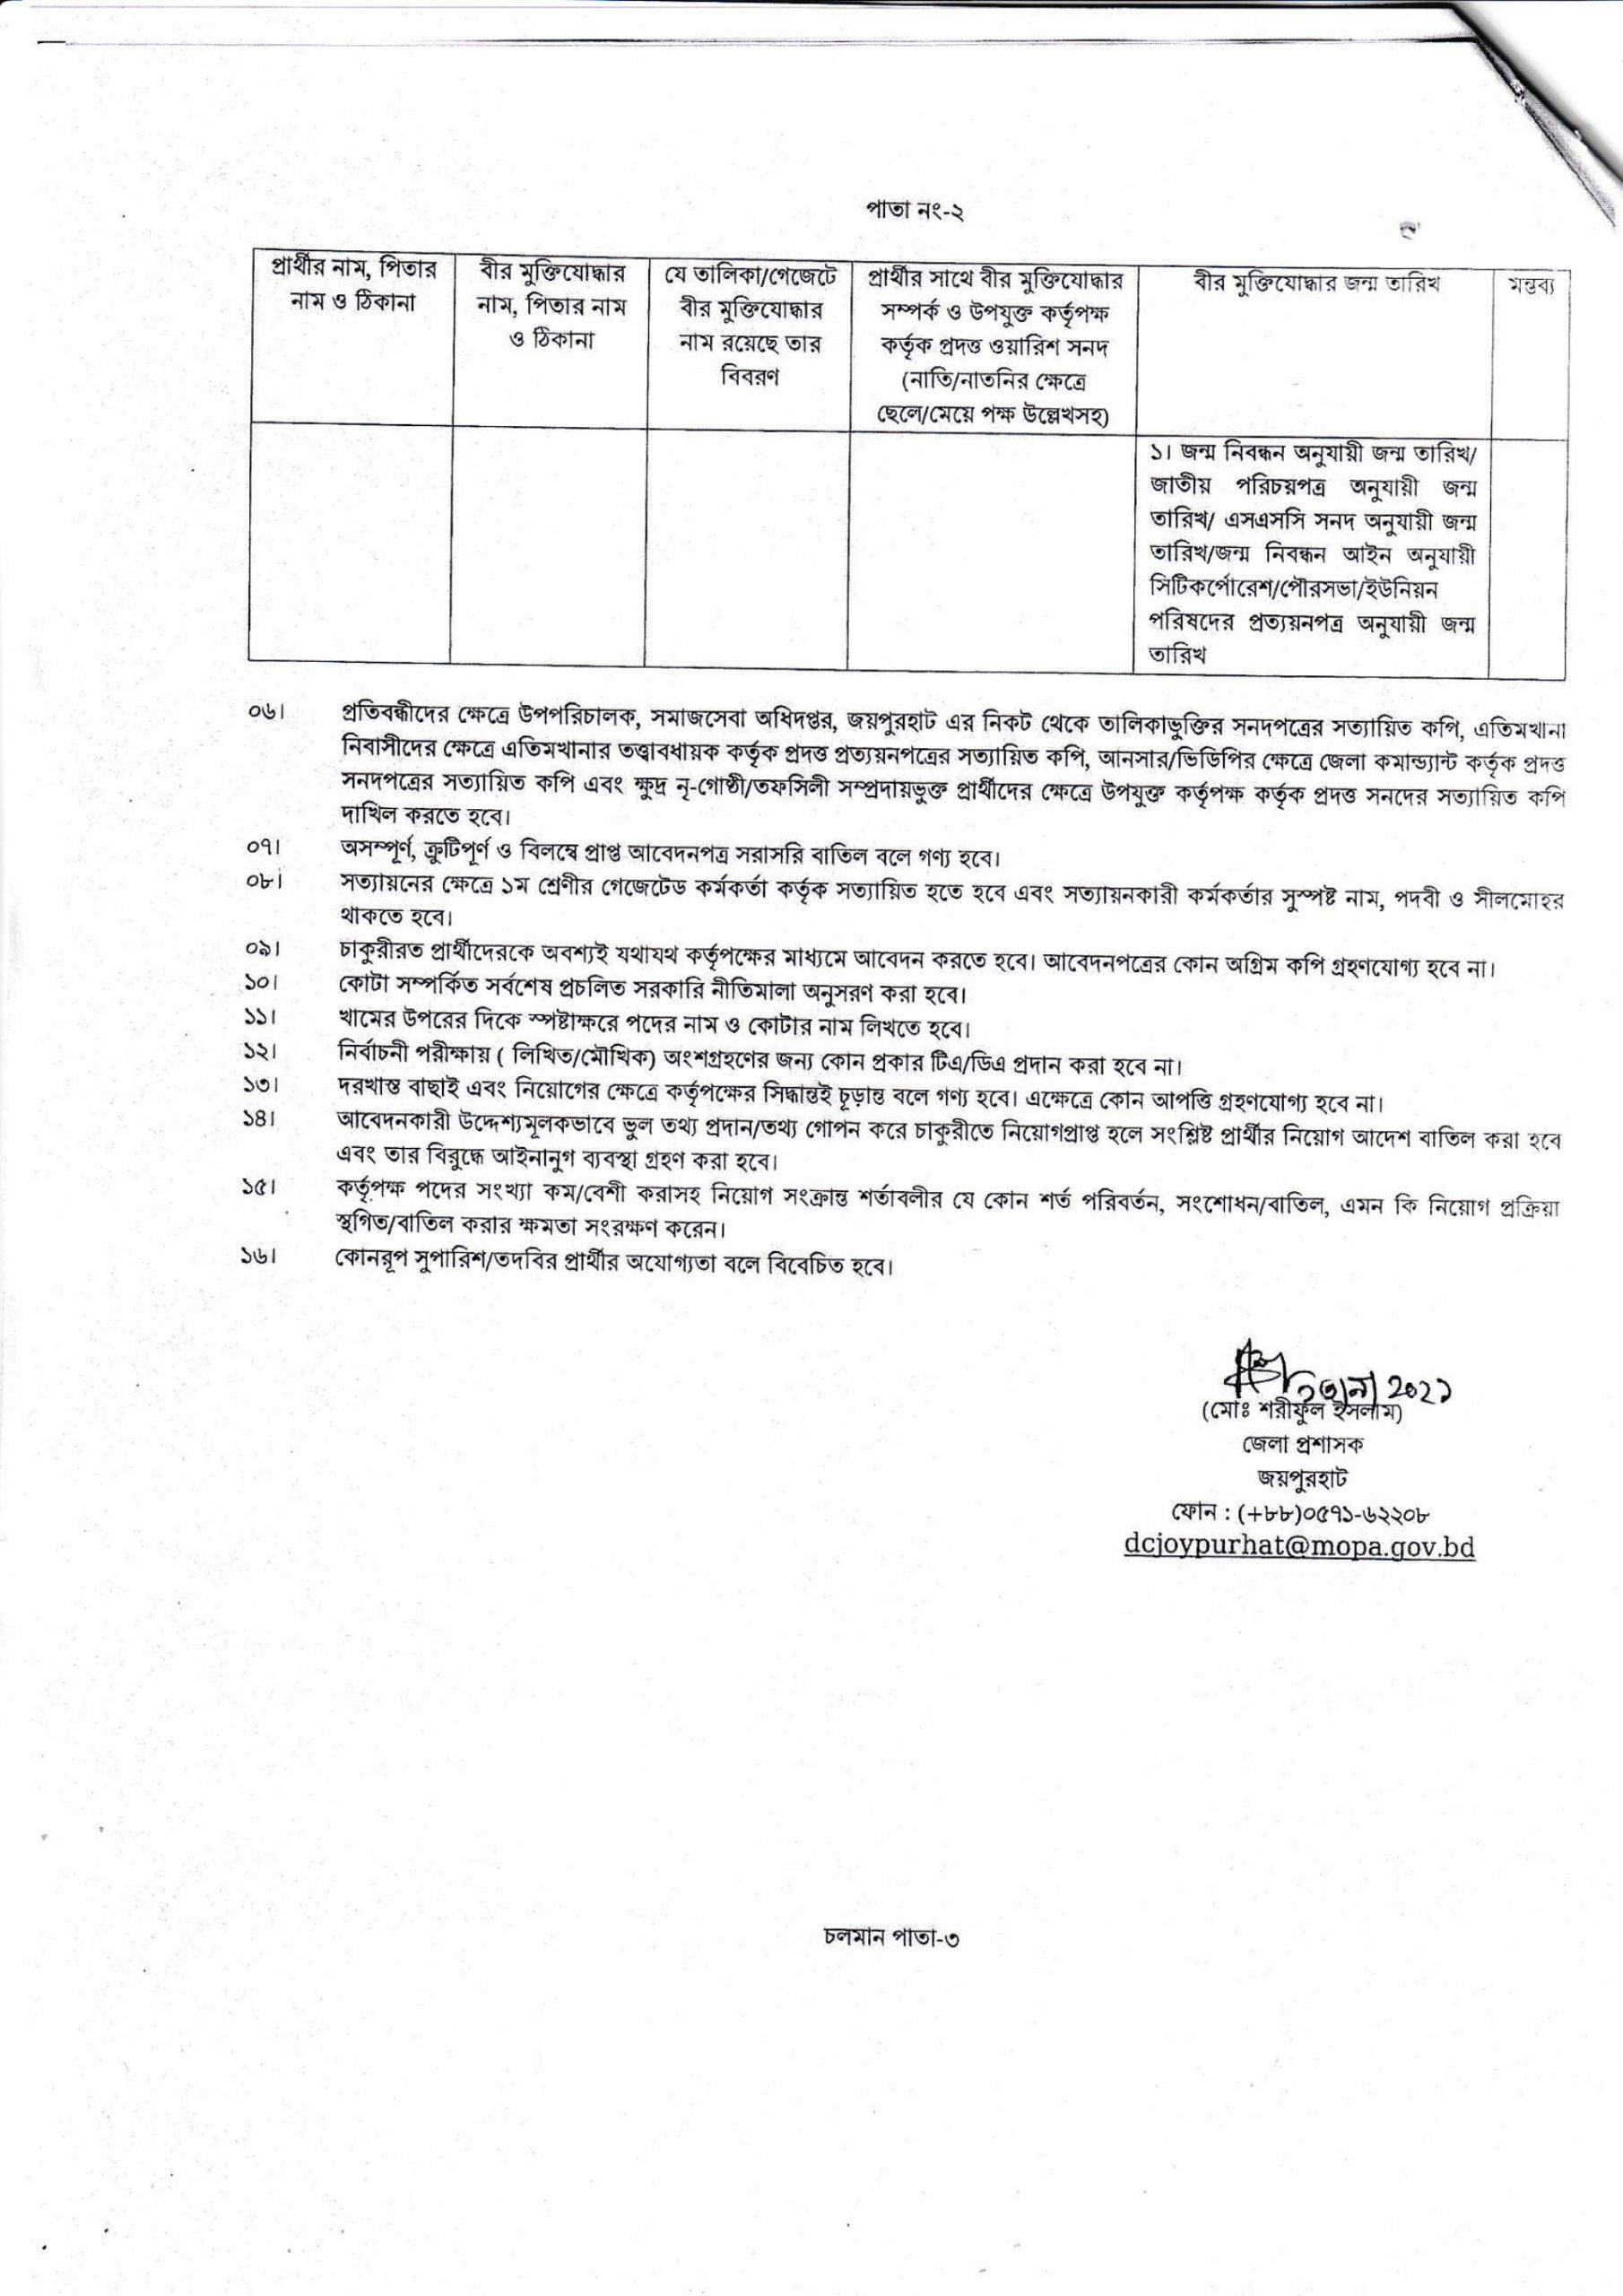 Joypurhat DC Office Job Circular 2021 জয়পুরহাট জেলা প্রশাসকের কার্যালয় নিয়োগ বিজ্ঞপ্তি ২০২১, Joypurhat District Commissioner Office Job Circular 2021-2